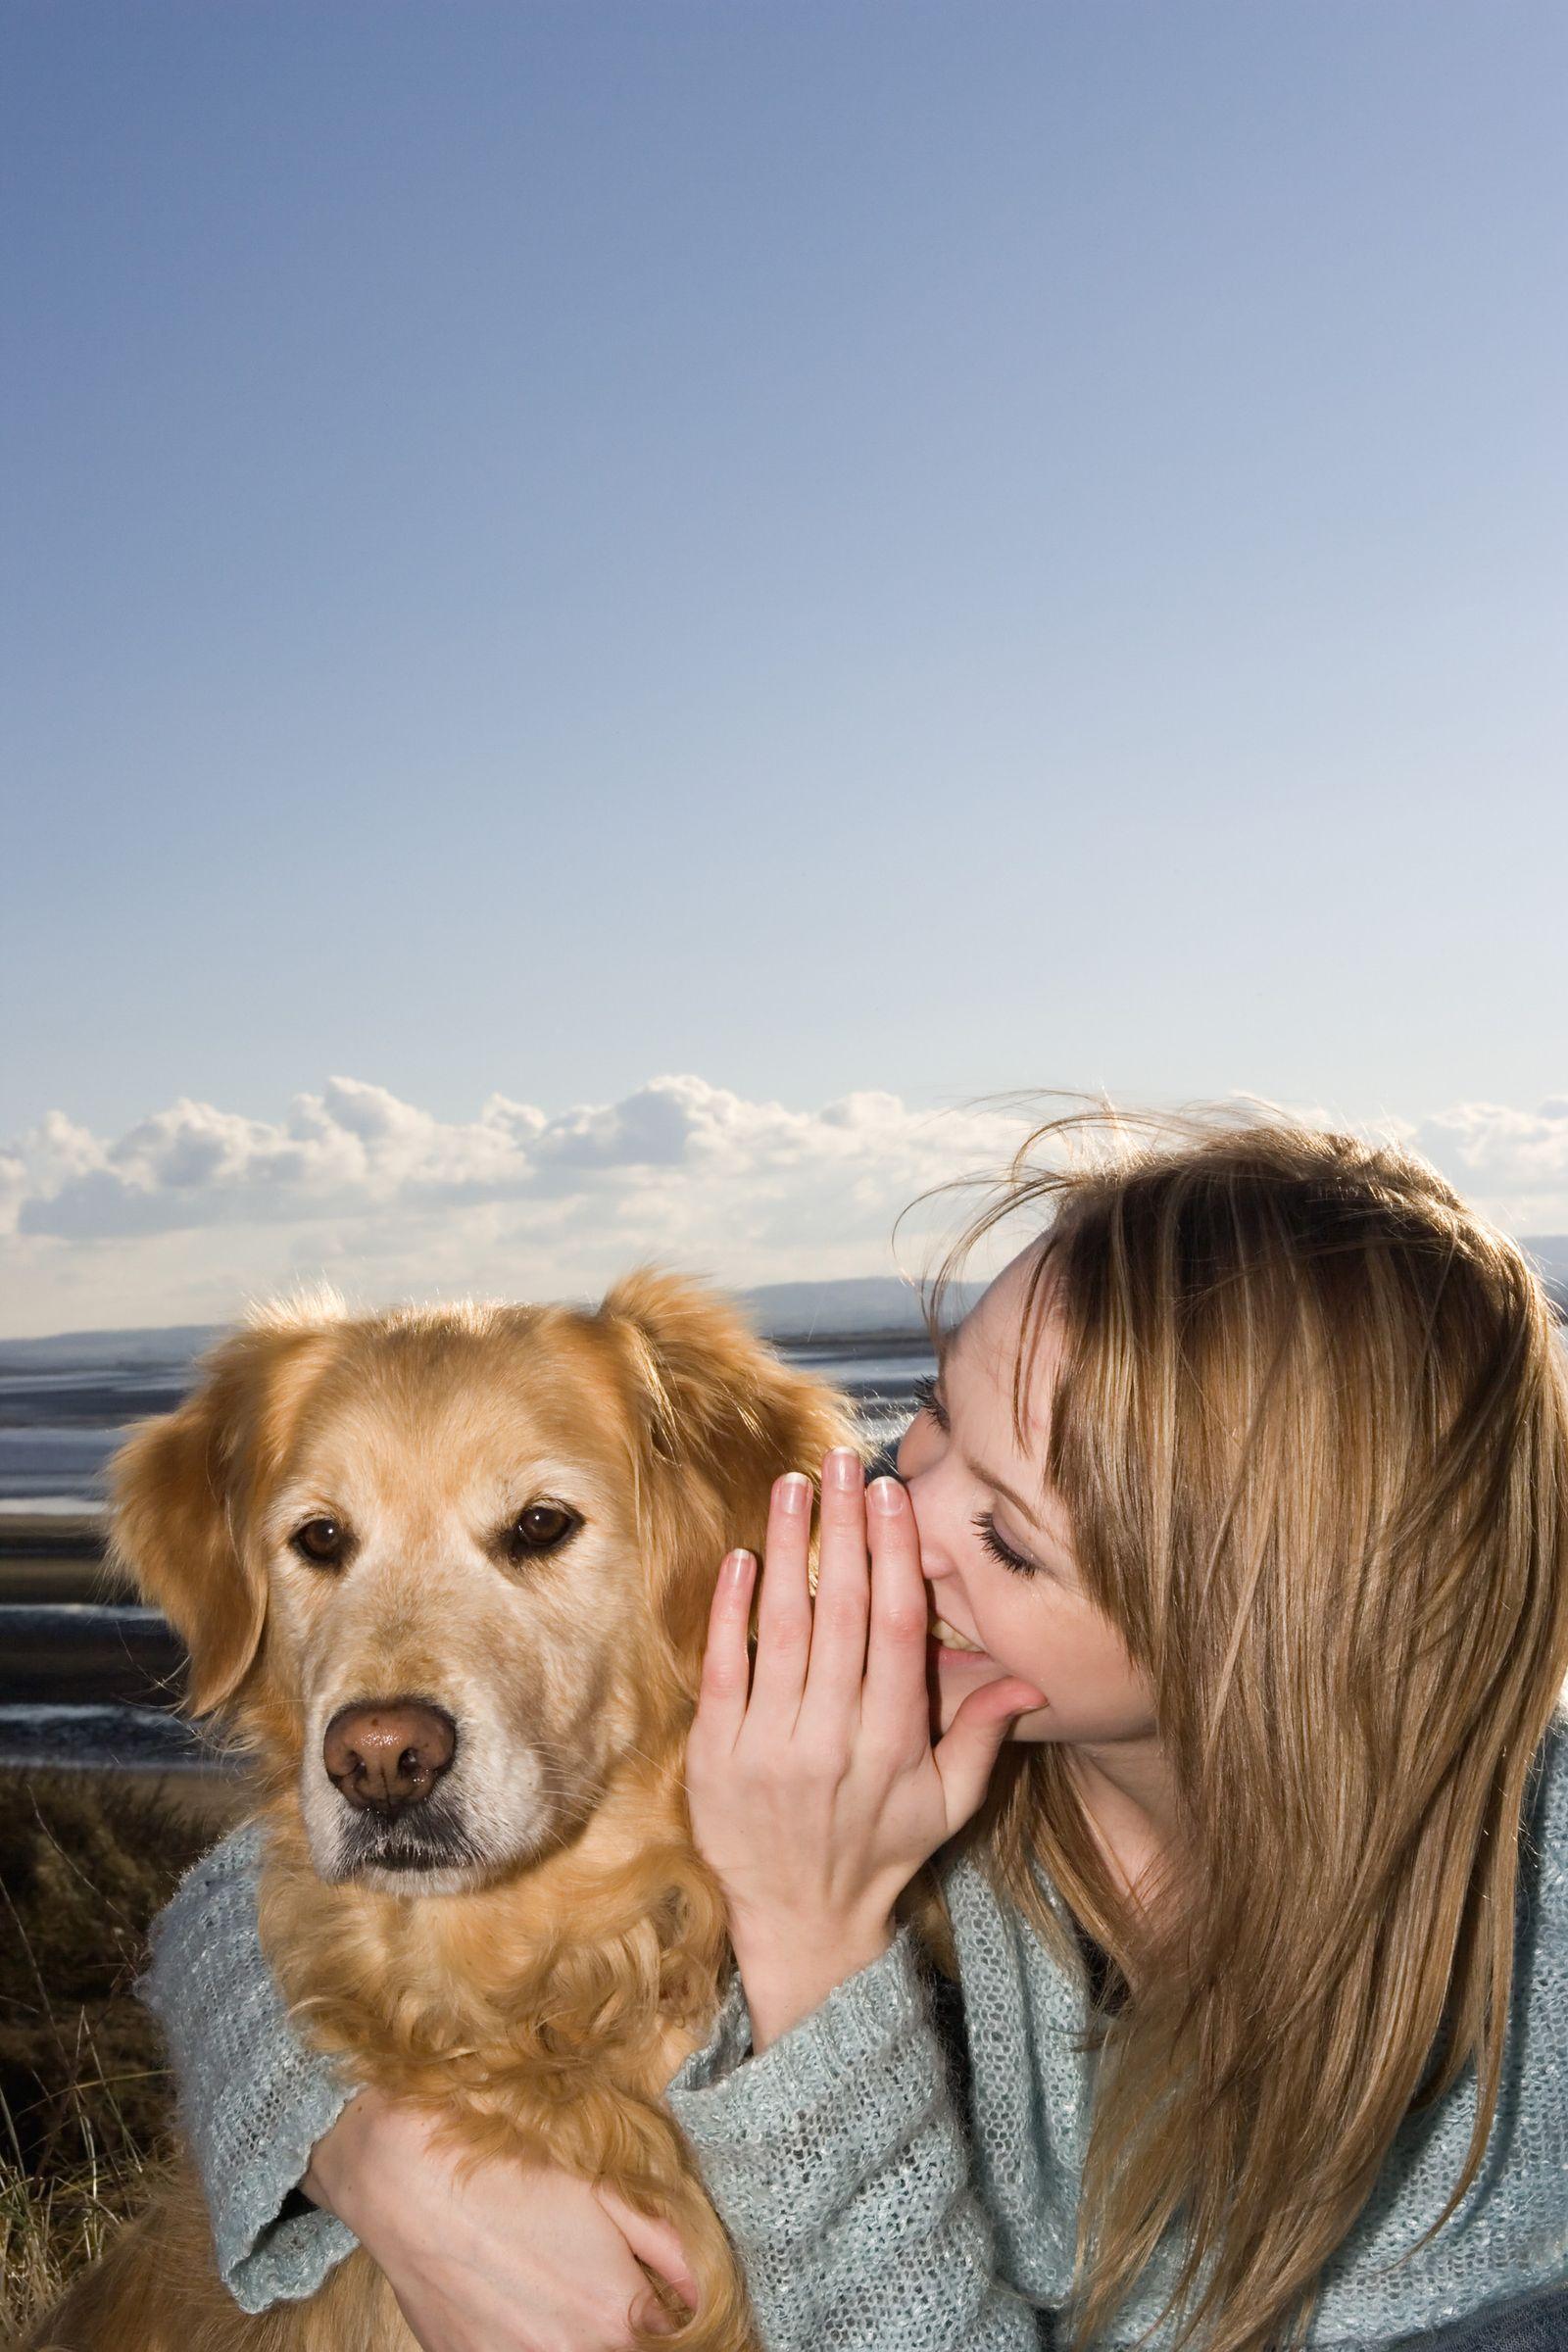 NICHT MEHR VERWENDEN! - SYMBOLBILD Hund/ Mensch/ Sprache